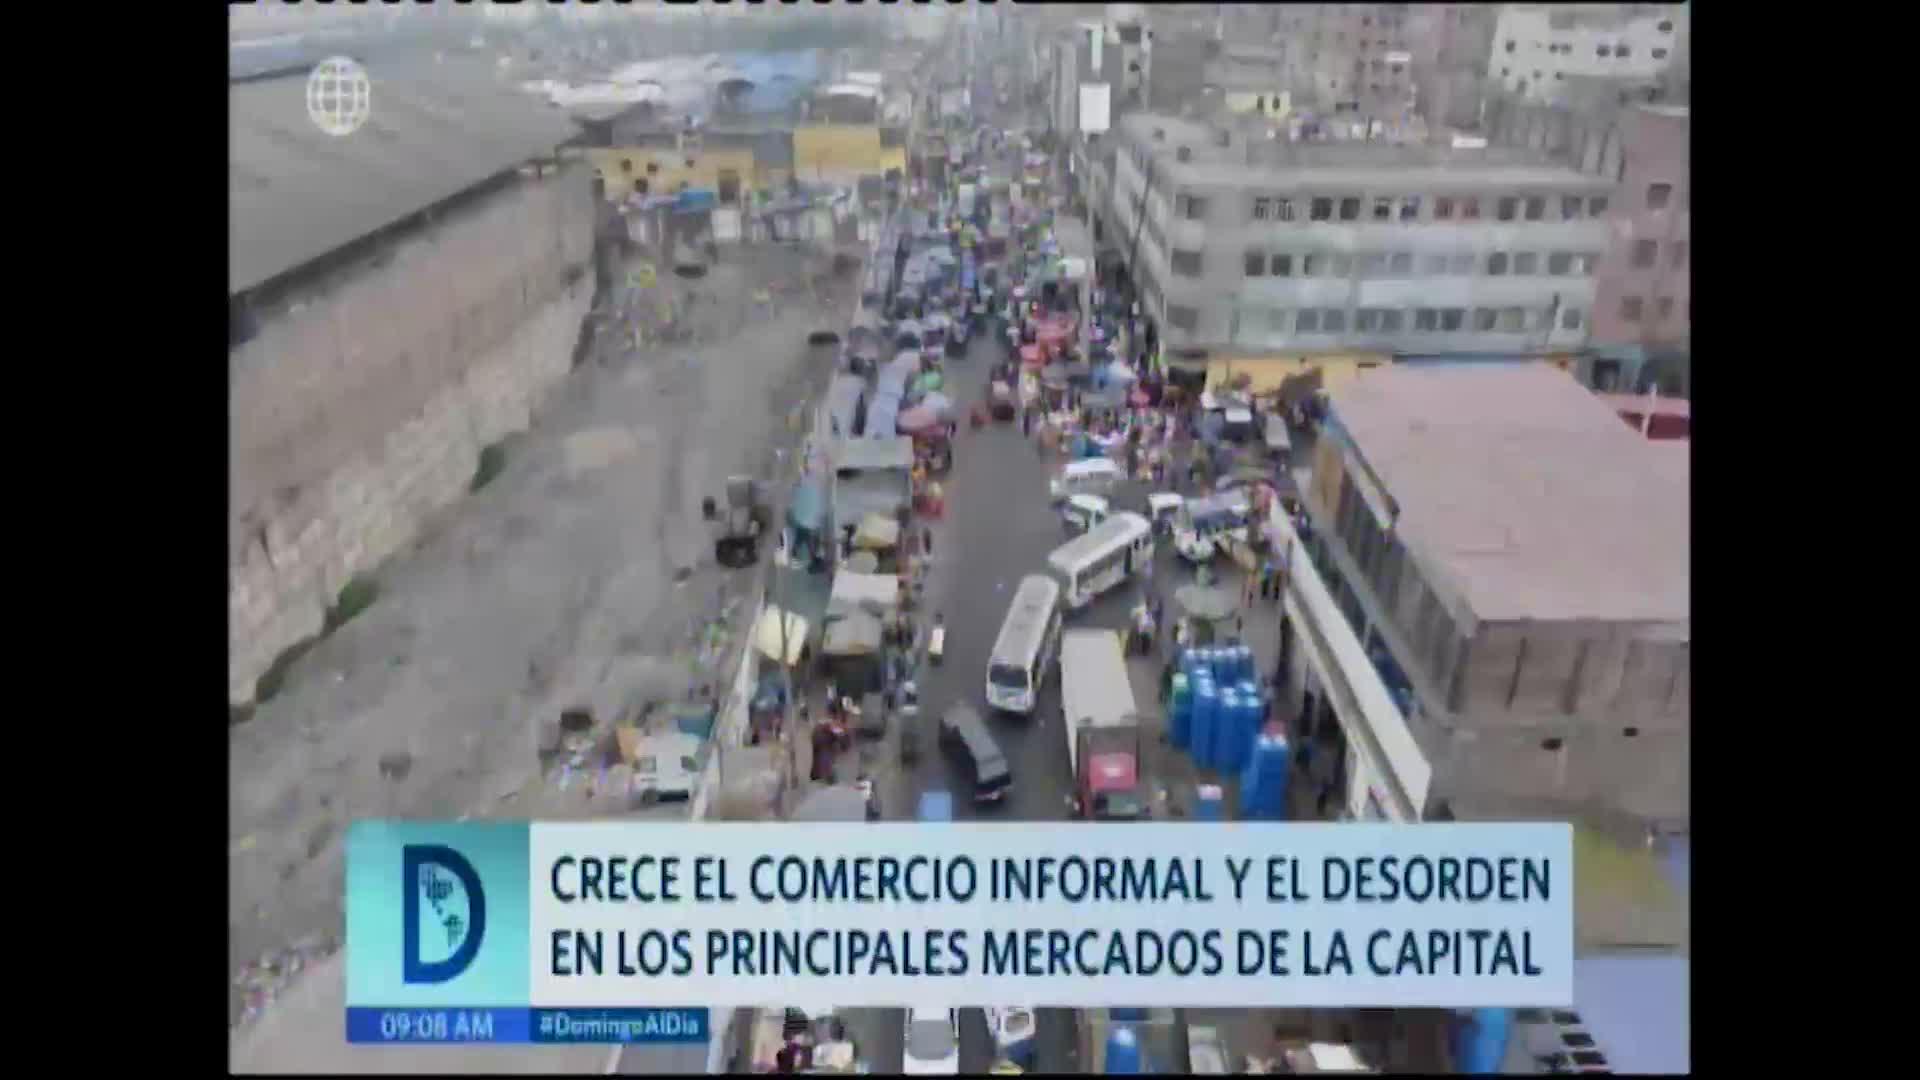 Así se da el aumento del comercio informal en las calles limeñas